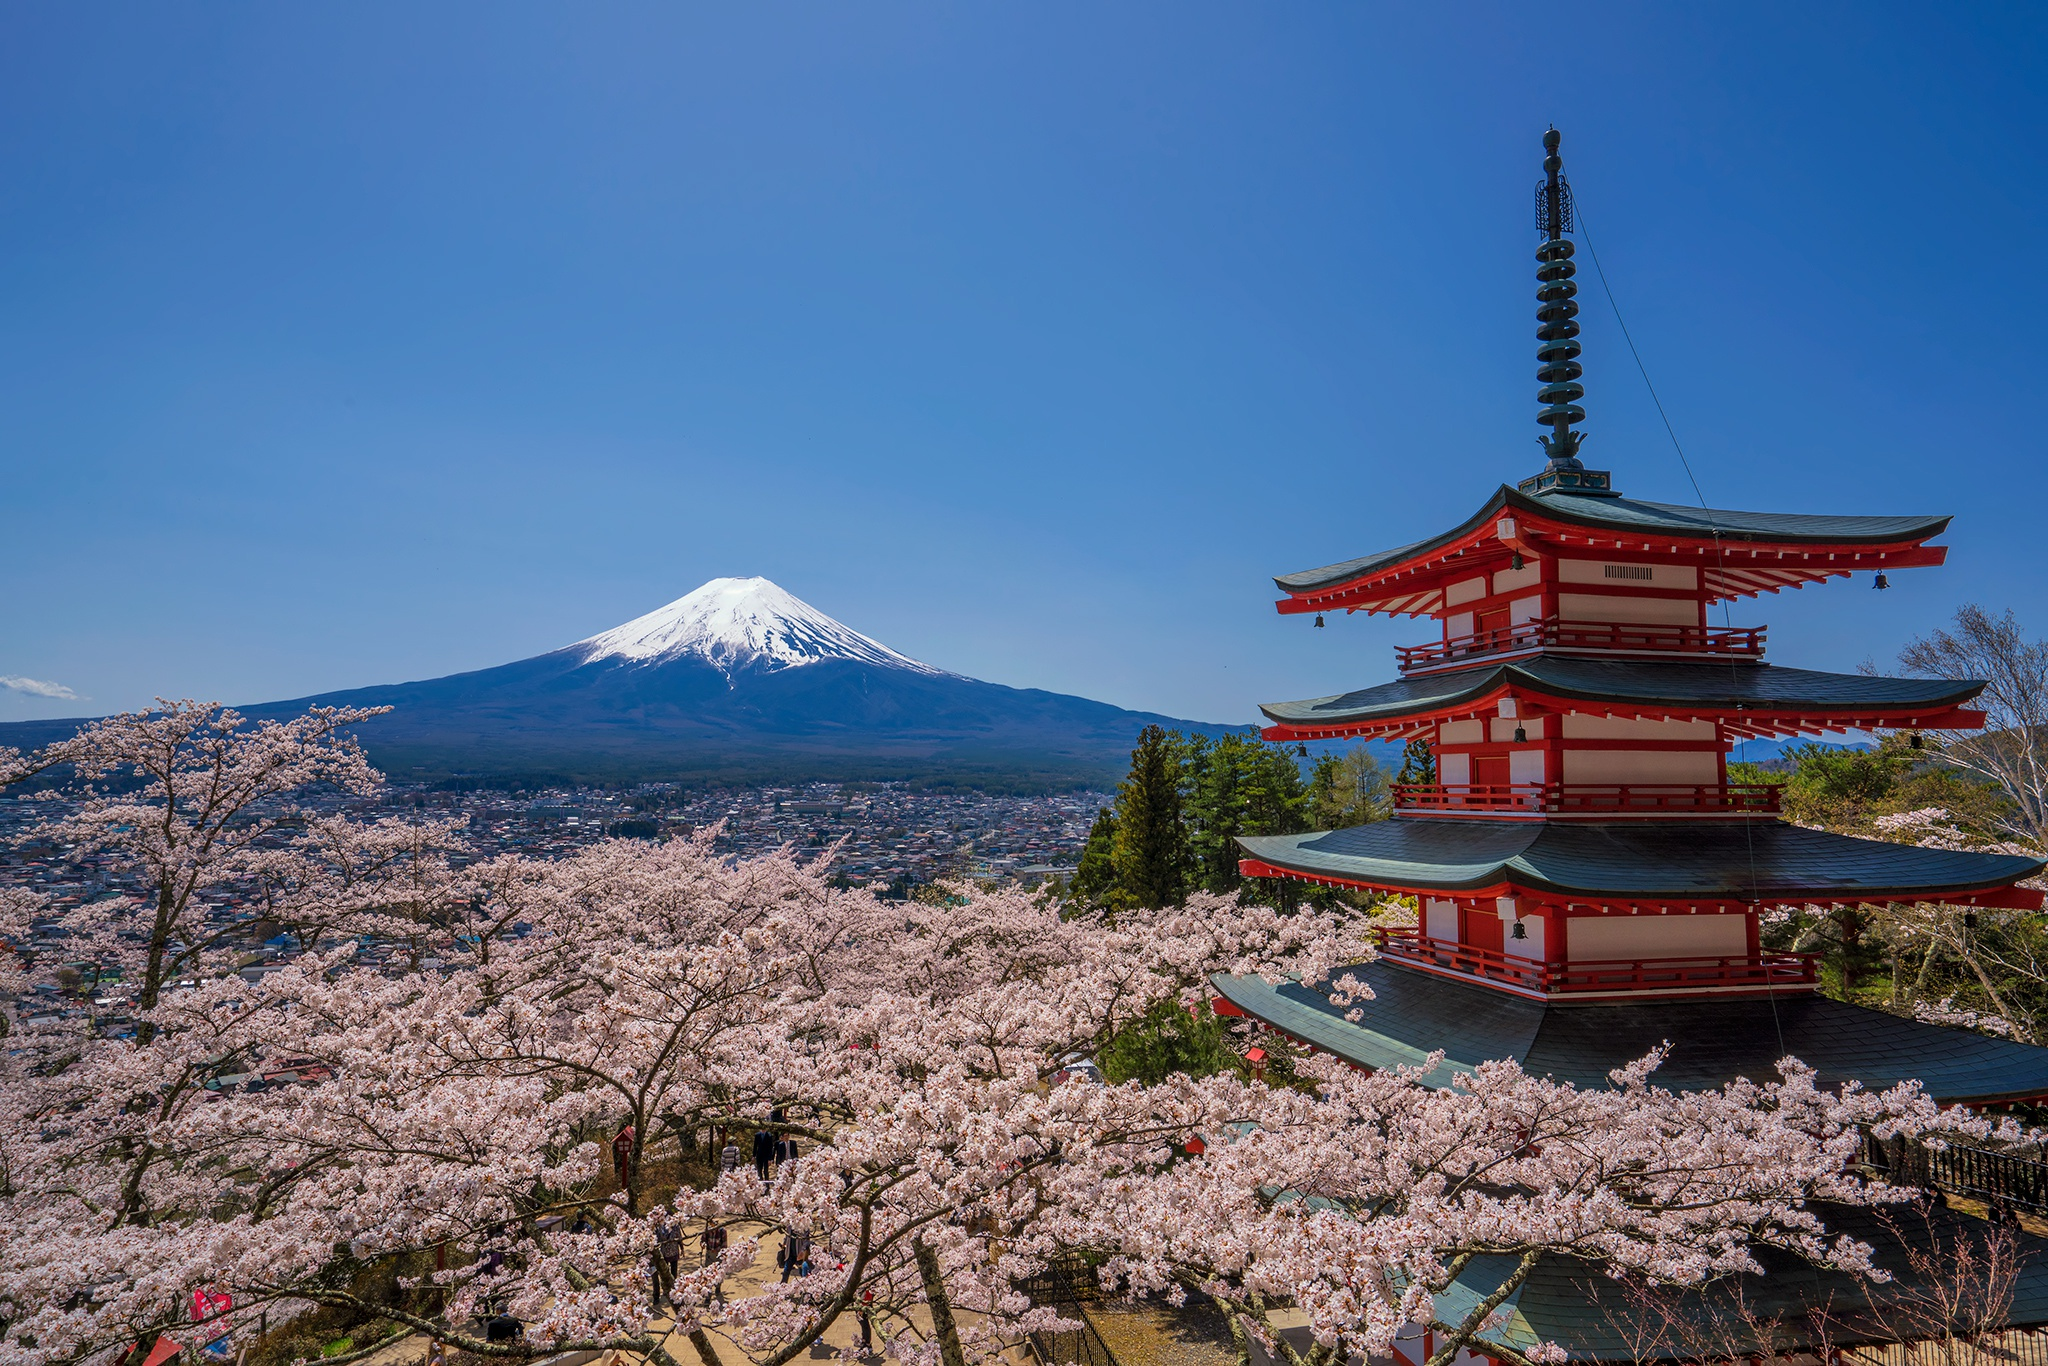 Earth Mount Fuji 2048x1366